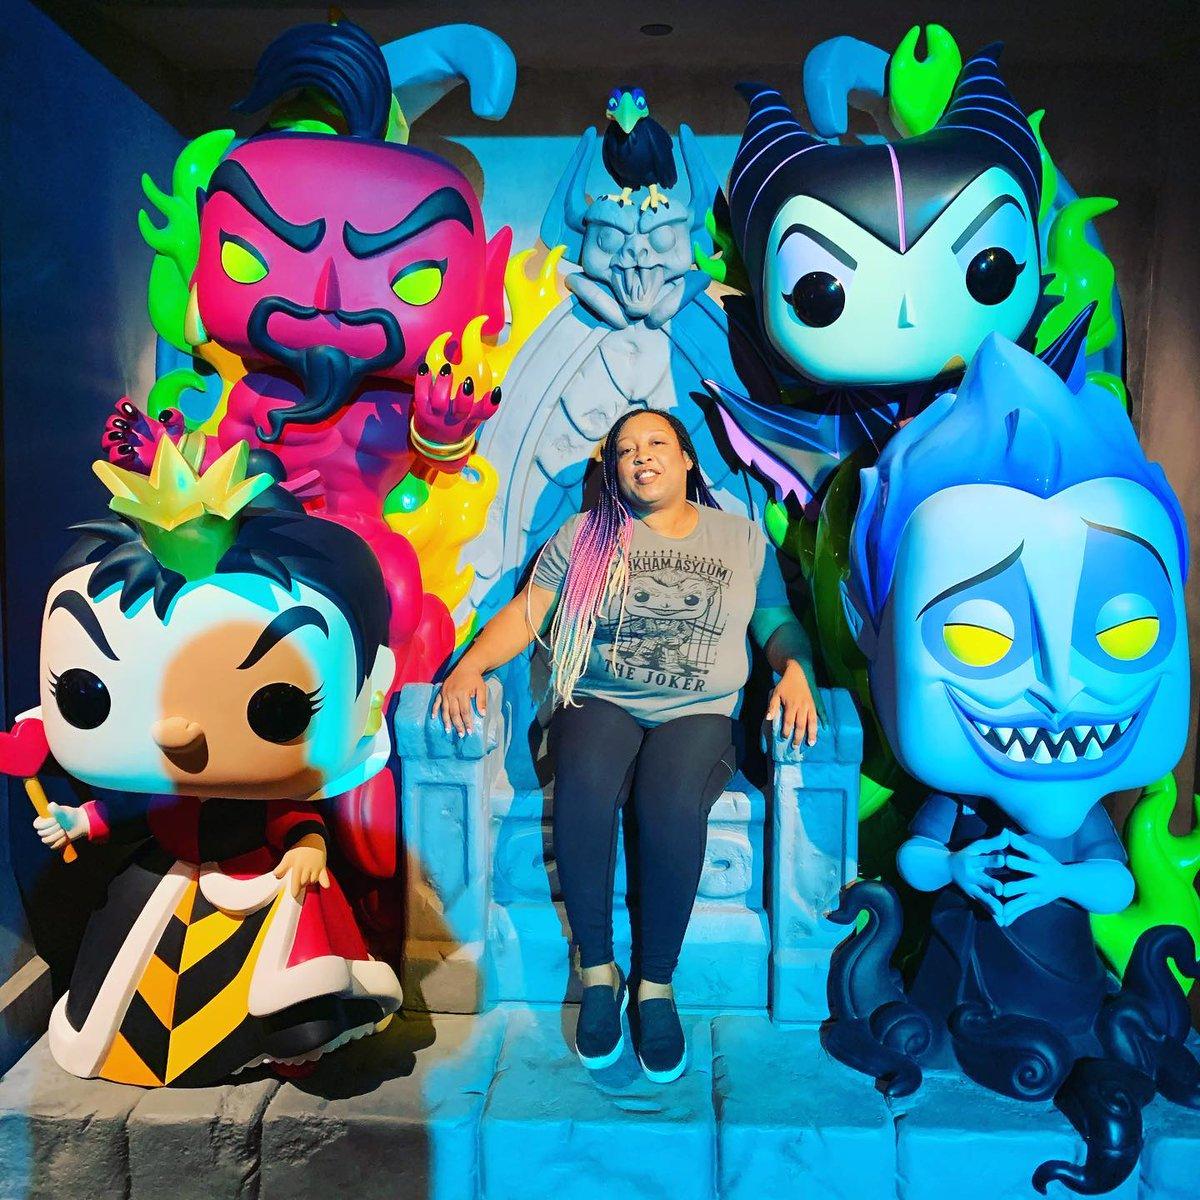 Heading to Funko Hollywood? Make sure to take a photo on the Disney Villains throne! #FunkoHollywood